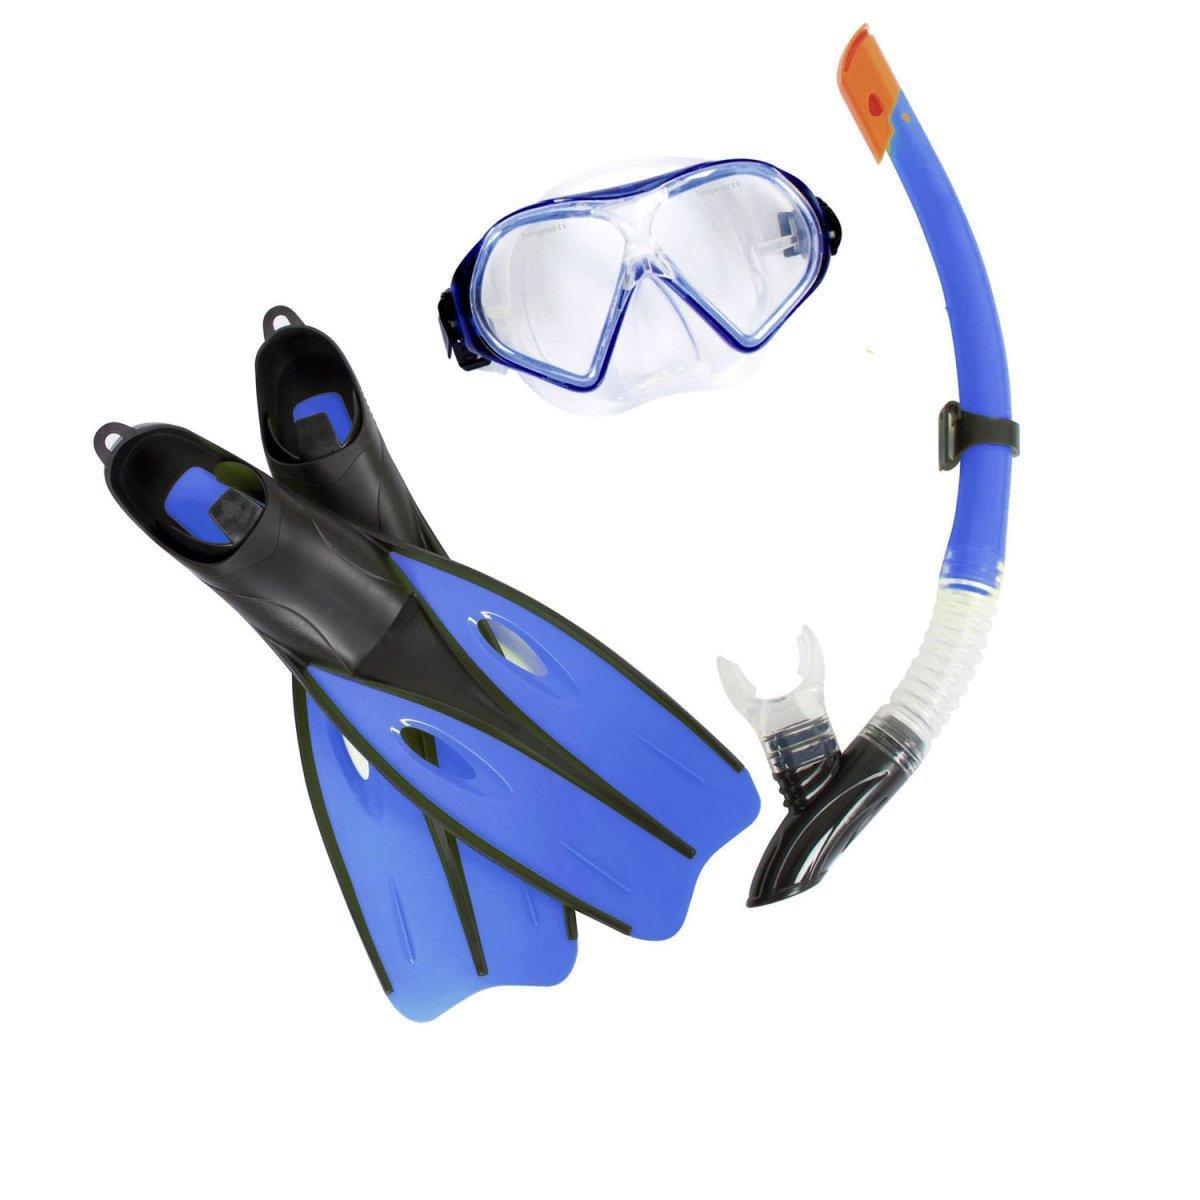 Набор 3 в 1 для плавания Bestway 25021 (маска: размер M, (6+), обхват головы ≈ 52 см, трубка, ласты: размер L, 37 (EU), под стопу ≈ 24 см), синий